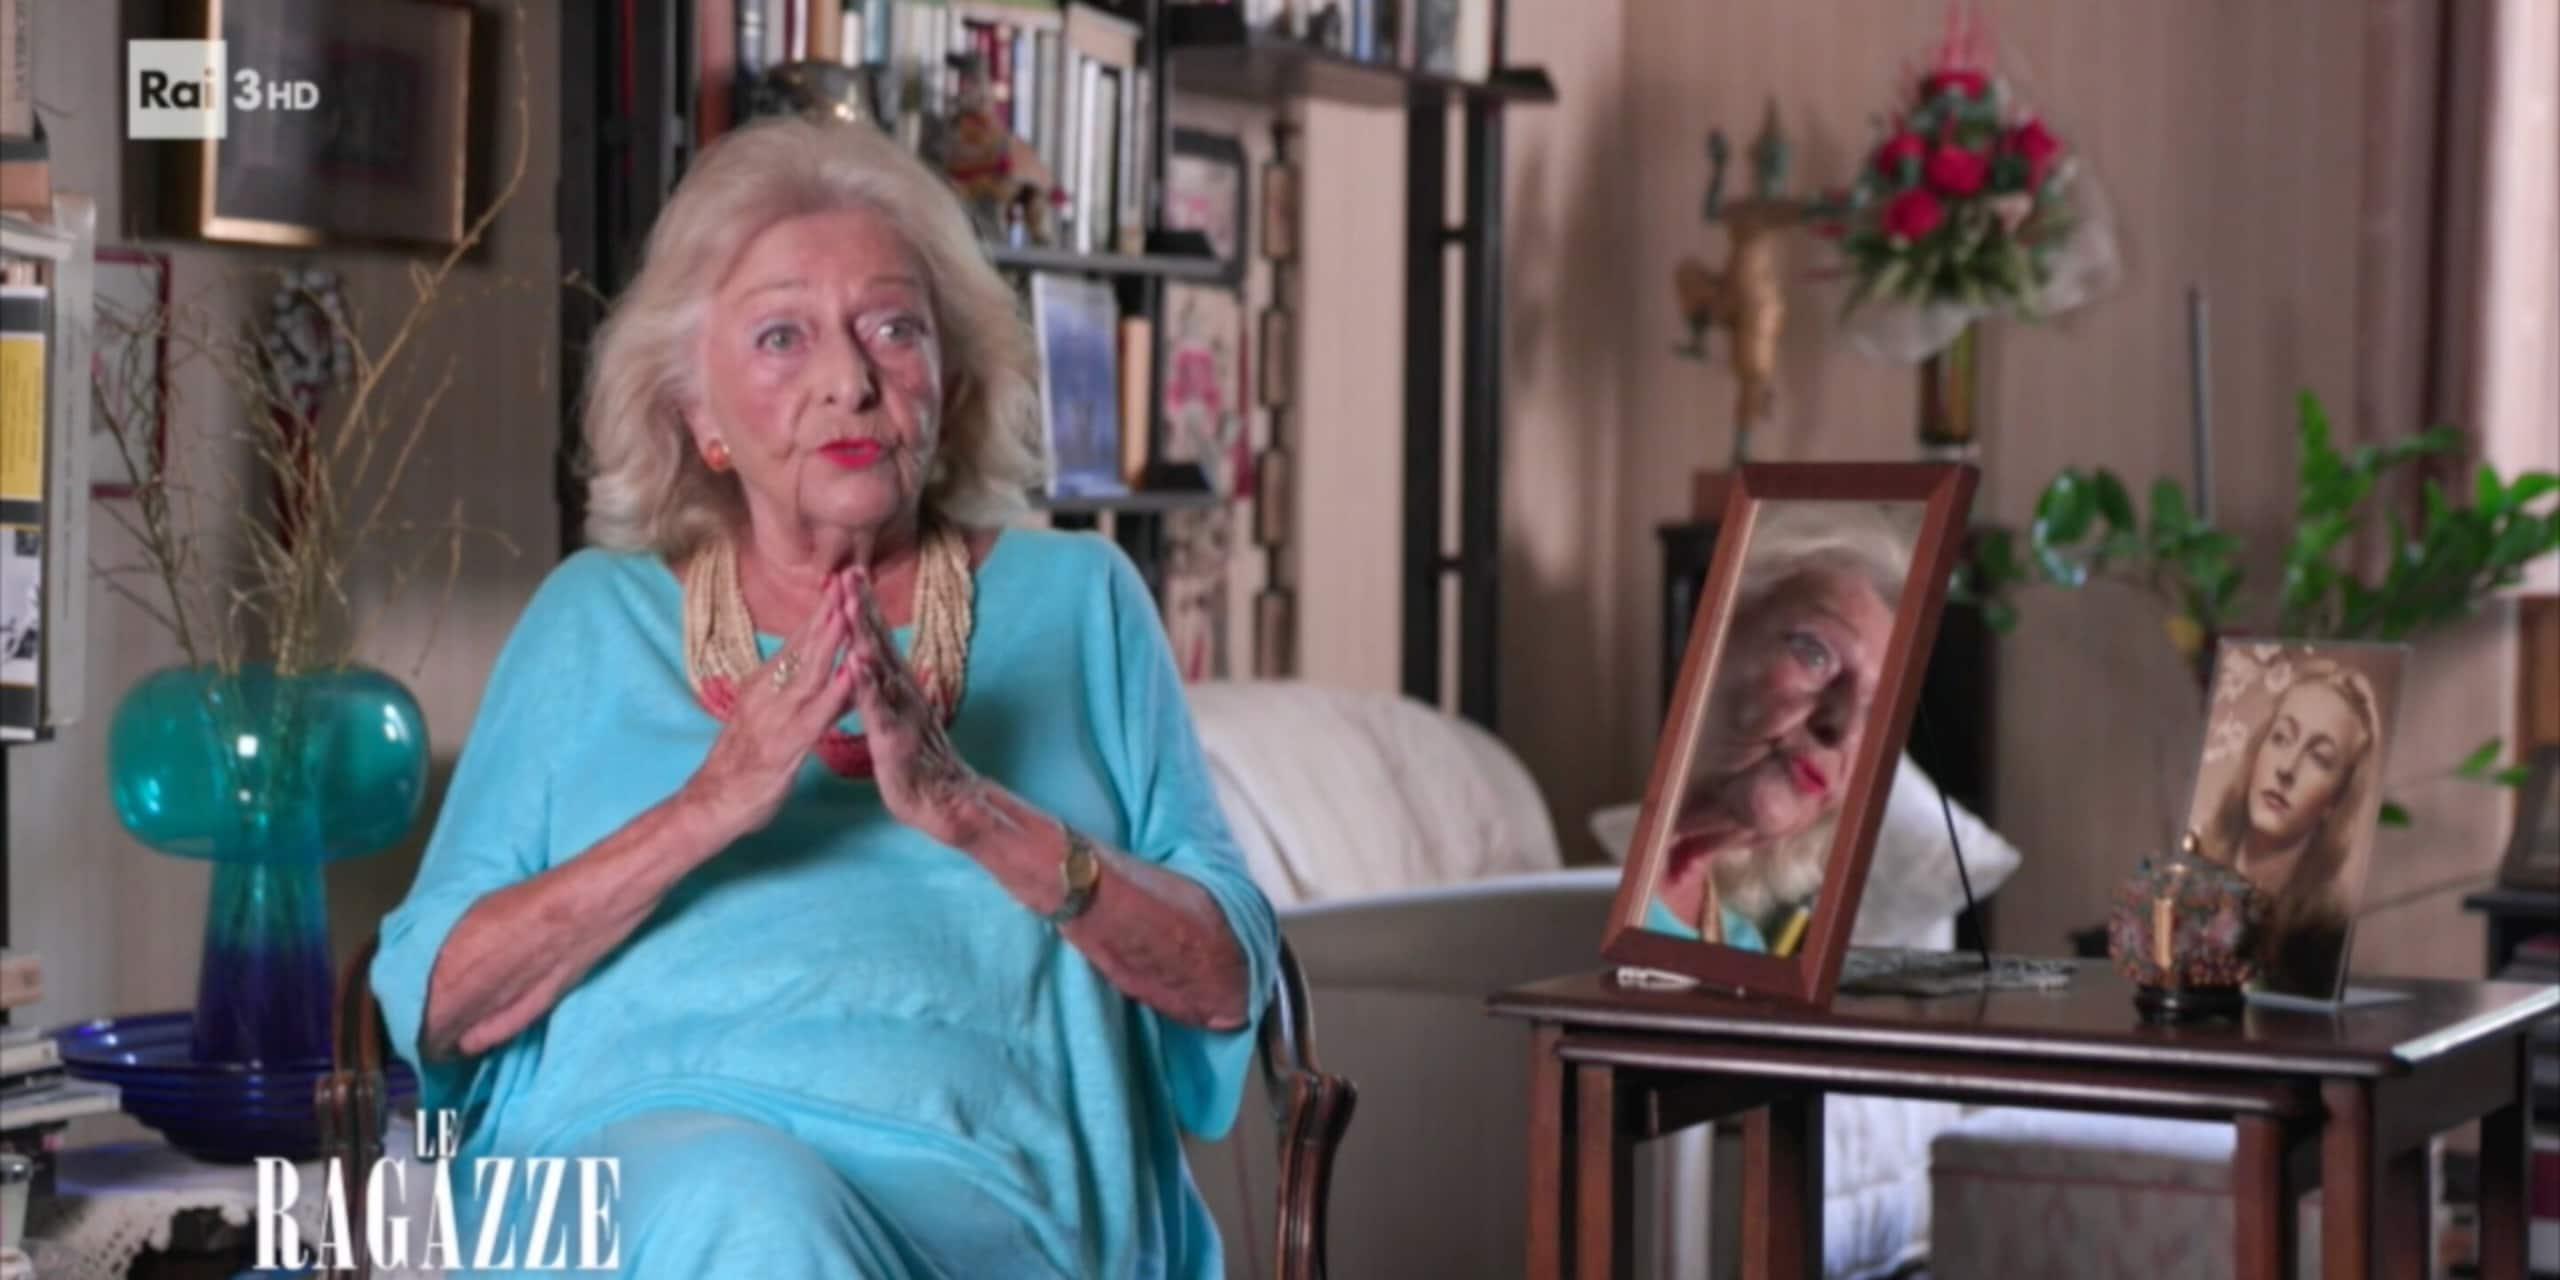 Grande Torino, 72 anni dalla Tragedia di Superga: il ricordo di Susanna Egri